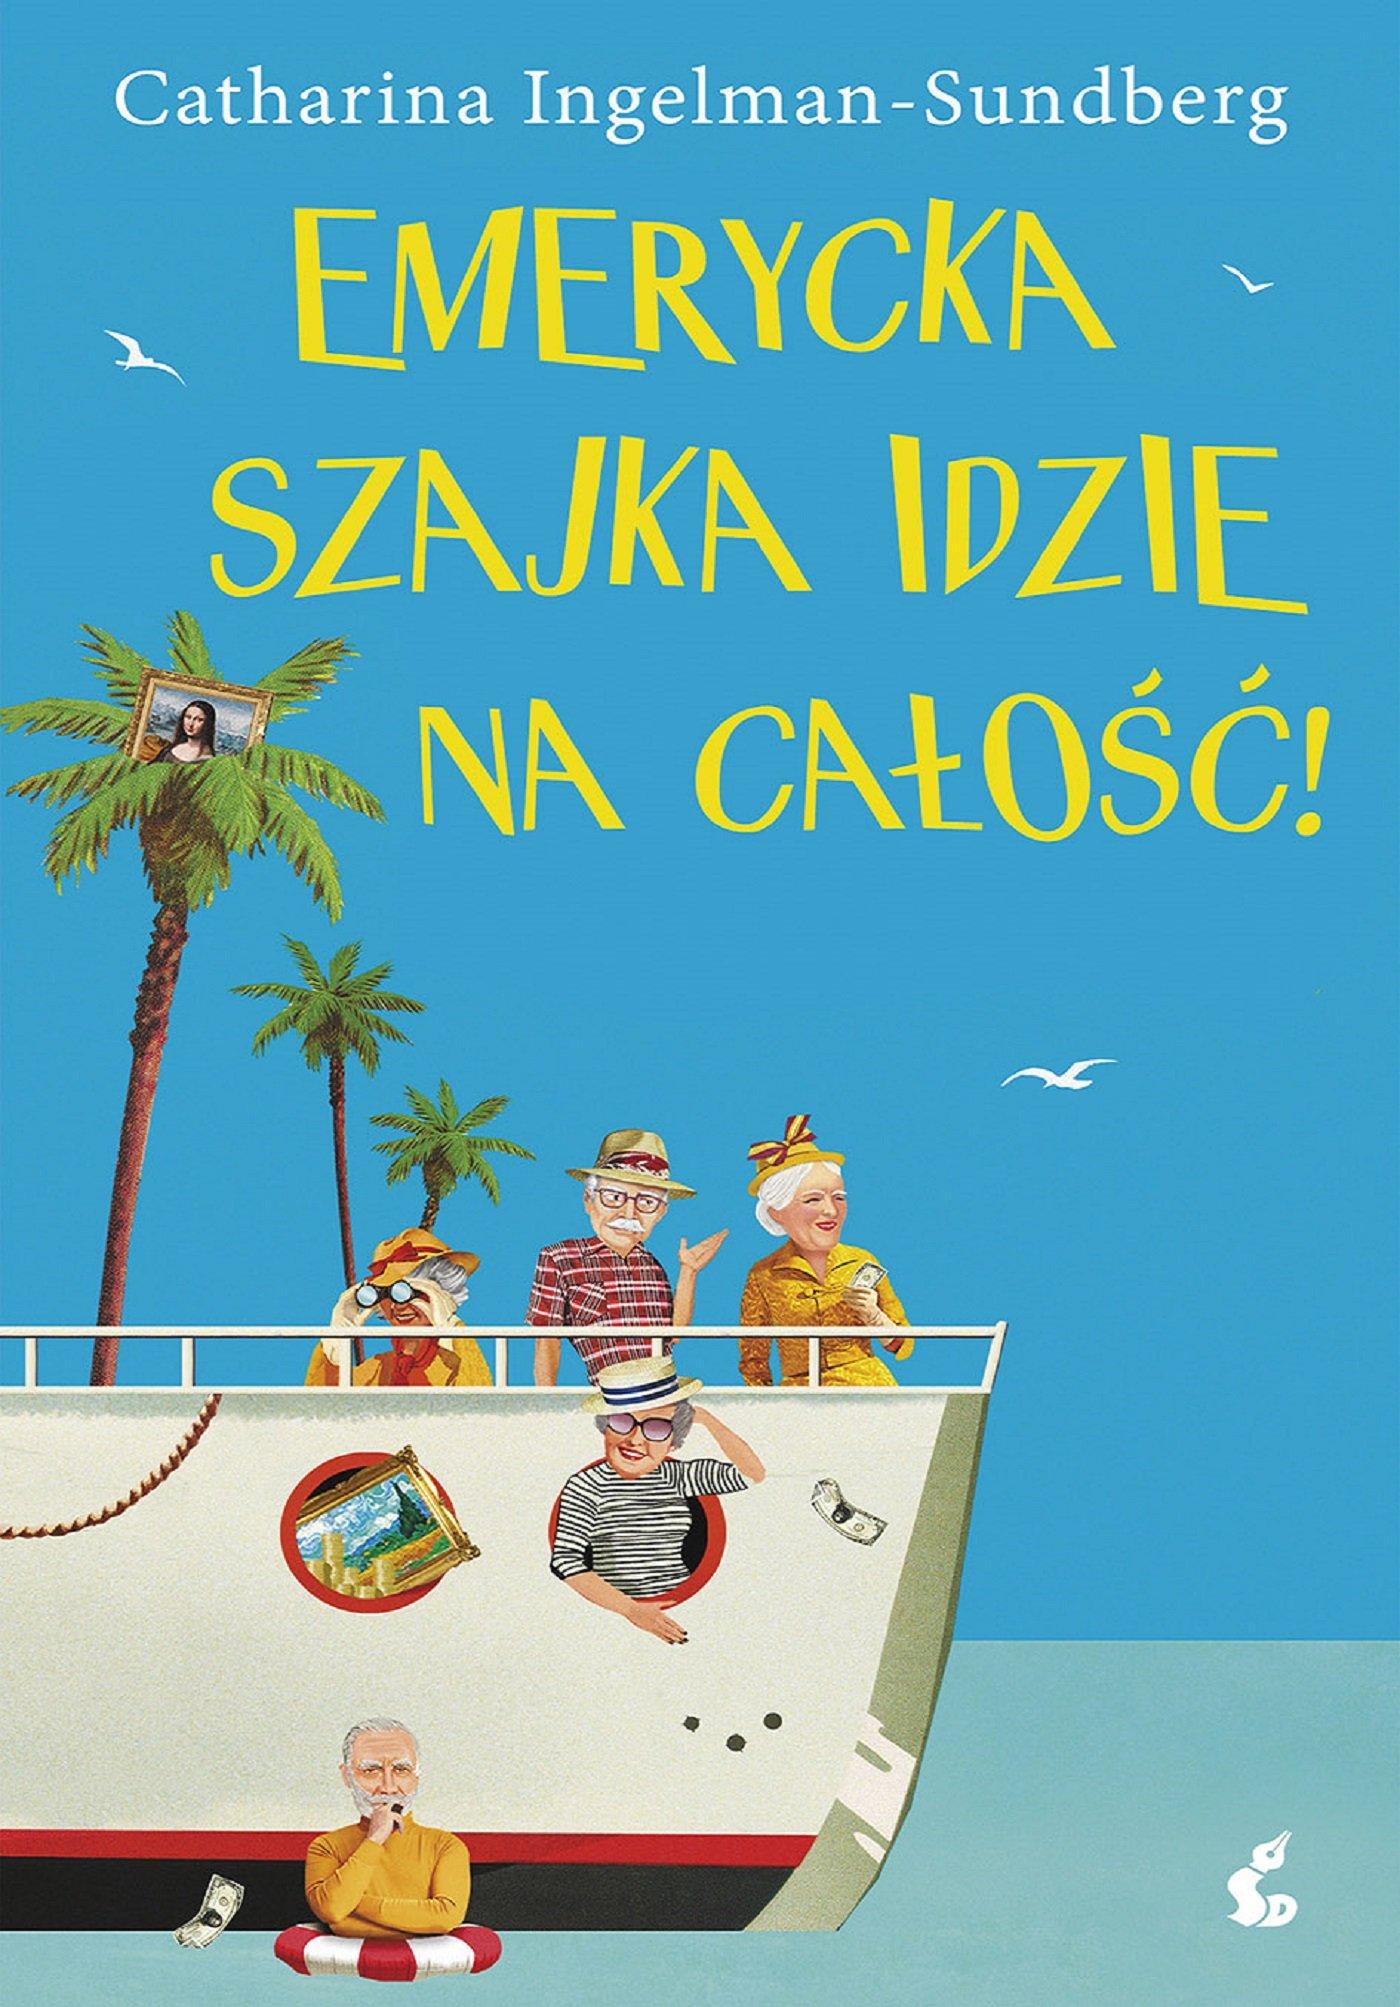 Emerycka Szajka idzie na całość! - Ebook (Książka EPUB) do pobrania w formacie EPUB